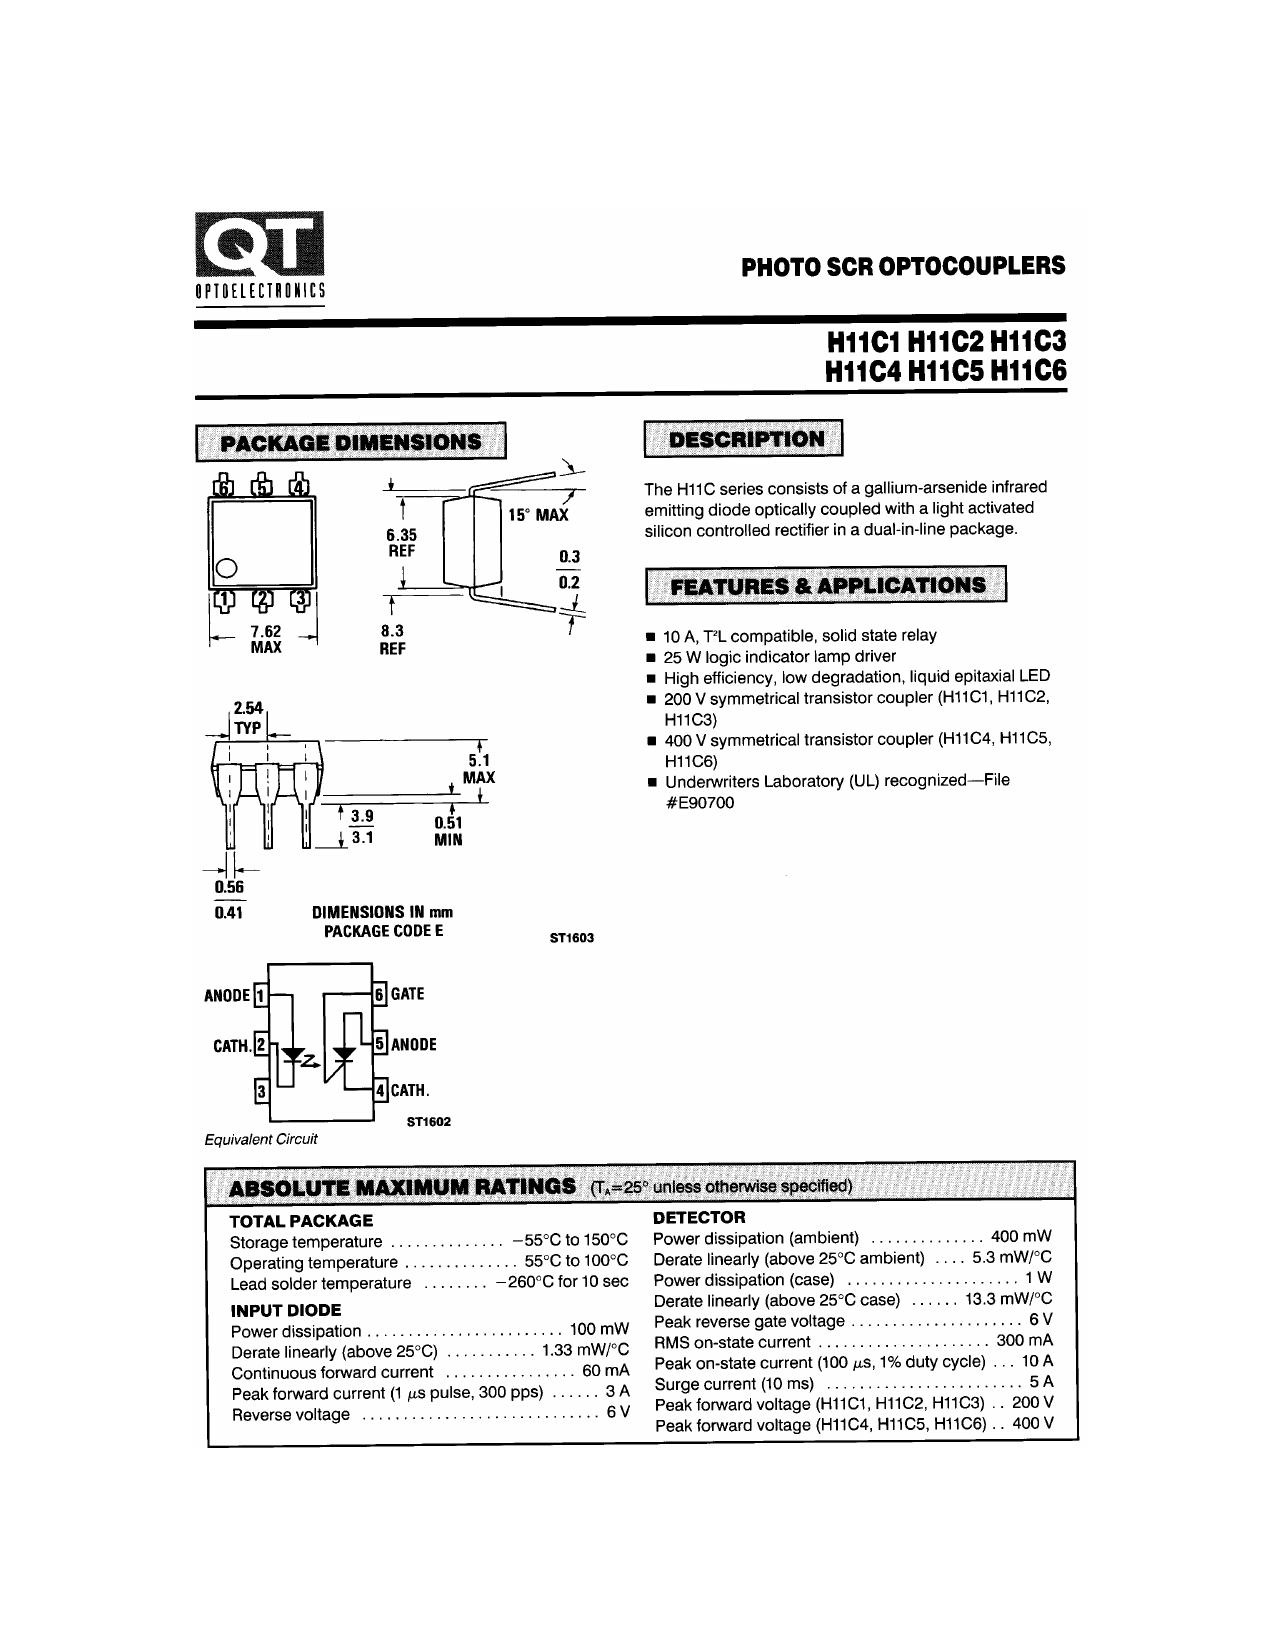 H11C2 데이터시트 및 H11C2 PDF